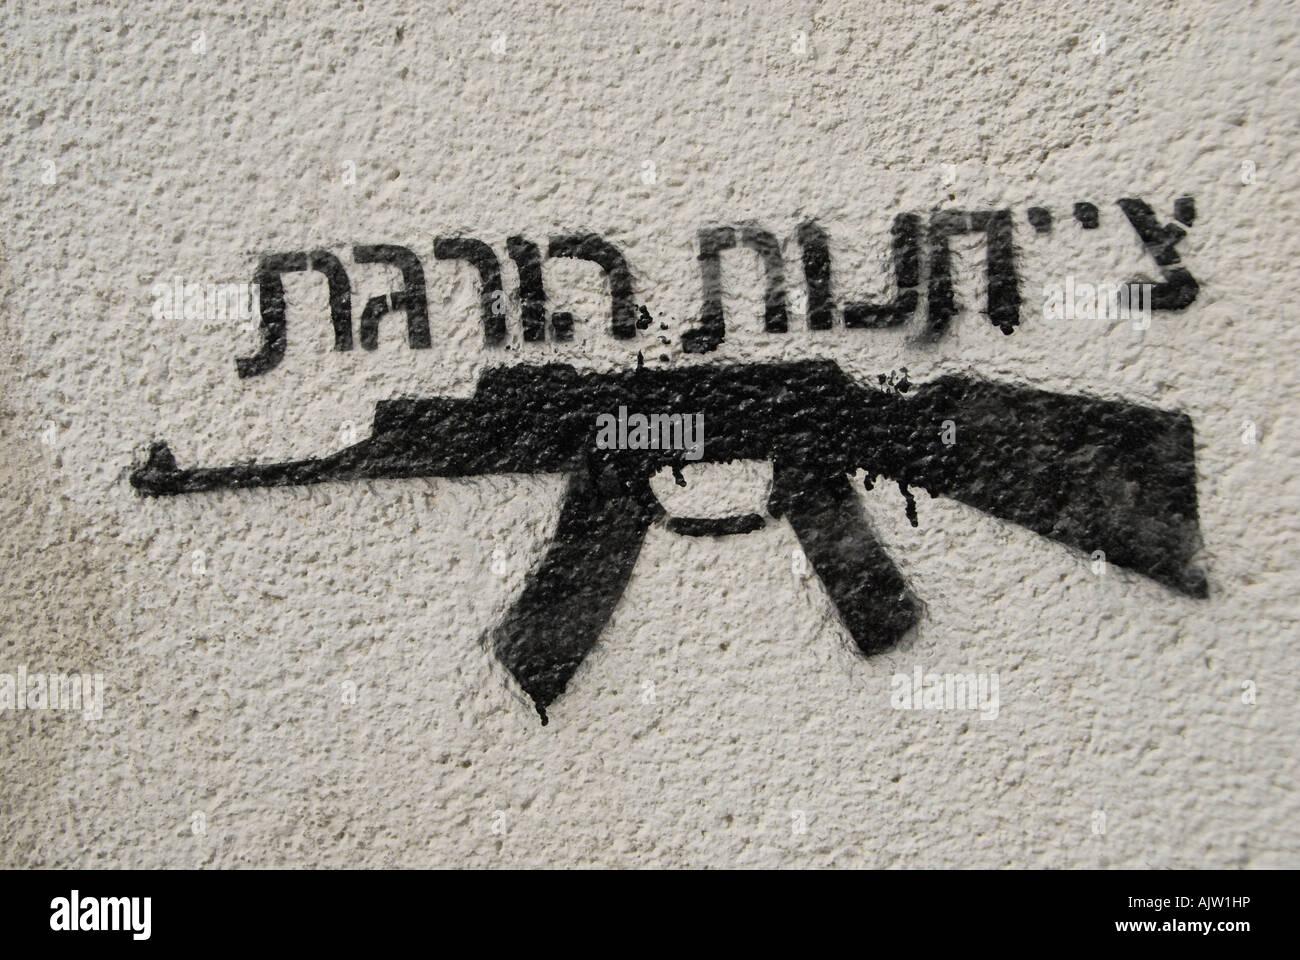 """Graffiti di un AK-47 Kalashnikov mitragliatrice con una frase in ebraico che legge' obbedienza uccide"""" Immagini Stock"""